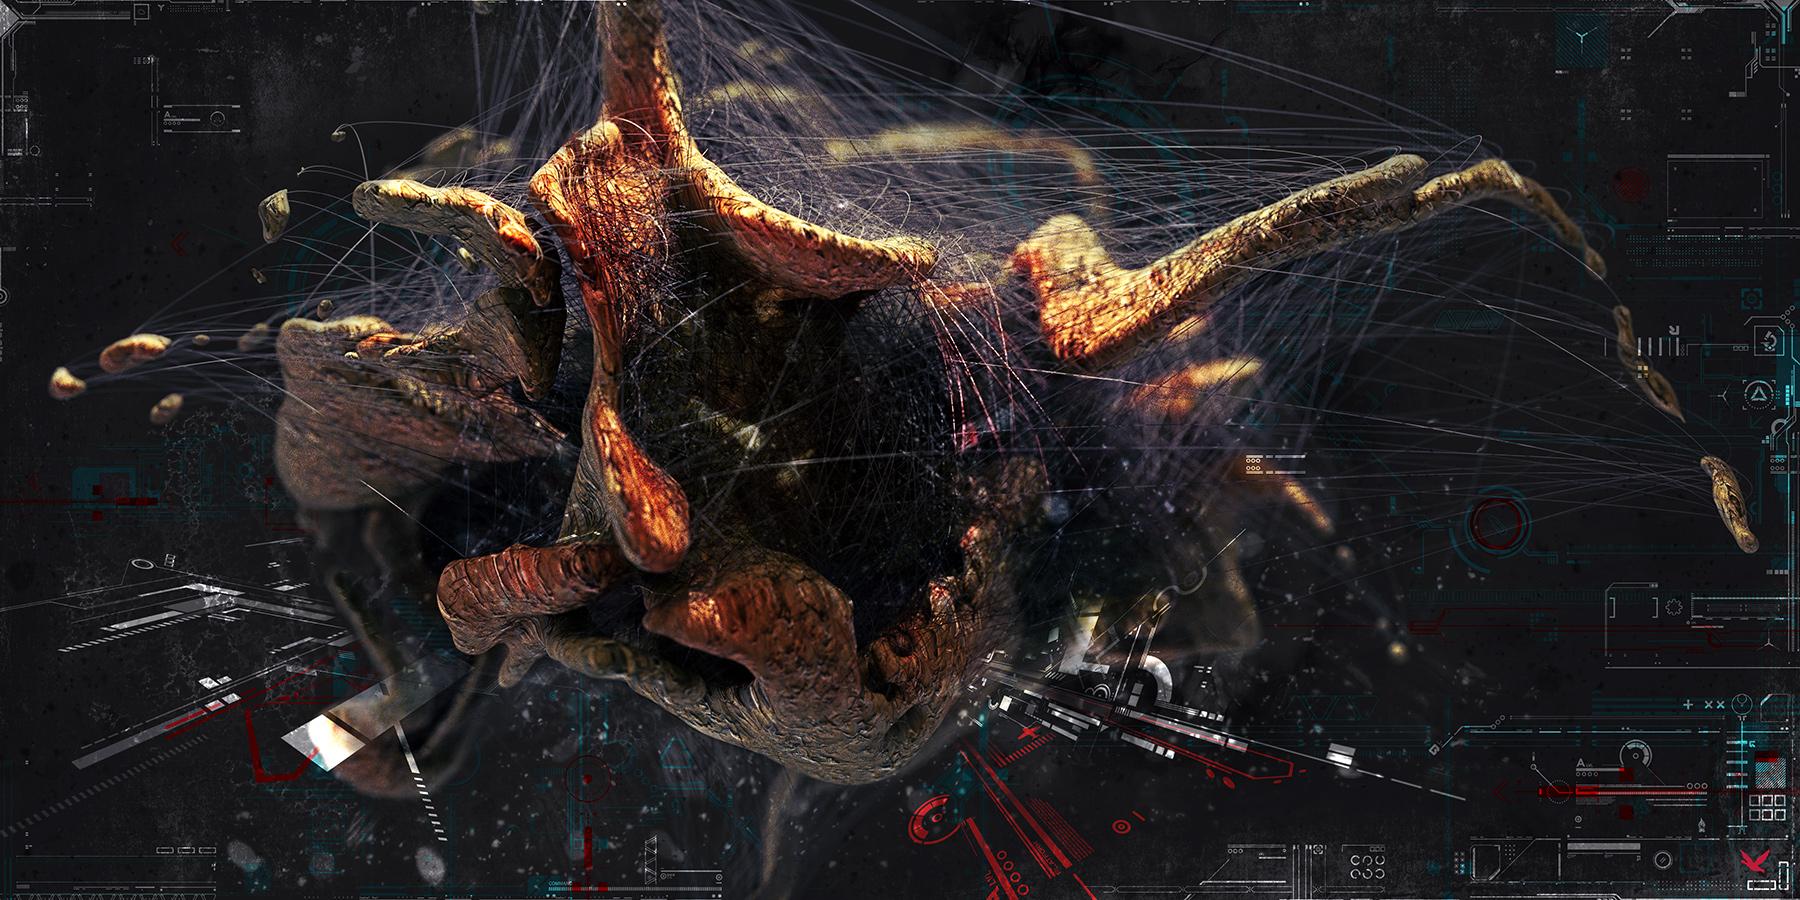 space-monster.jpg